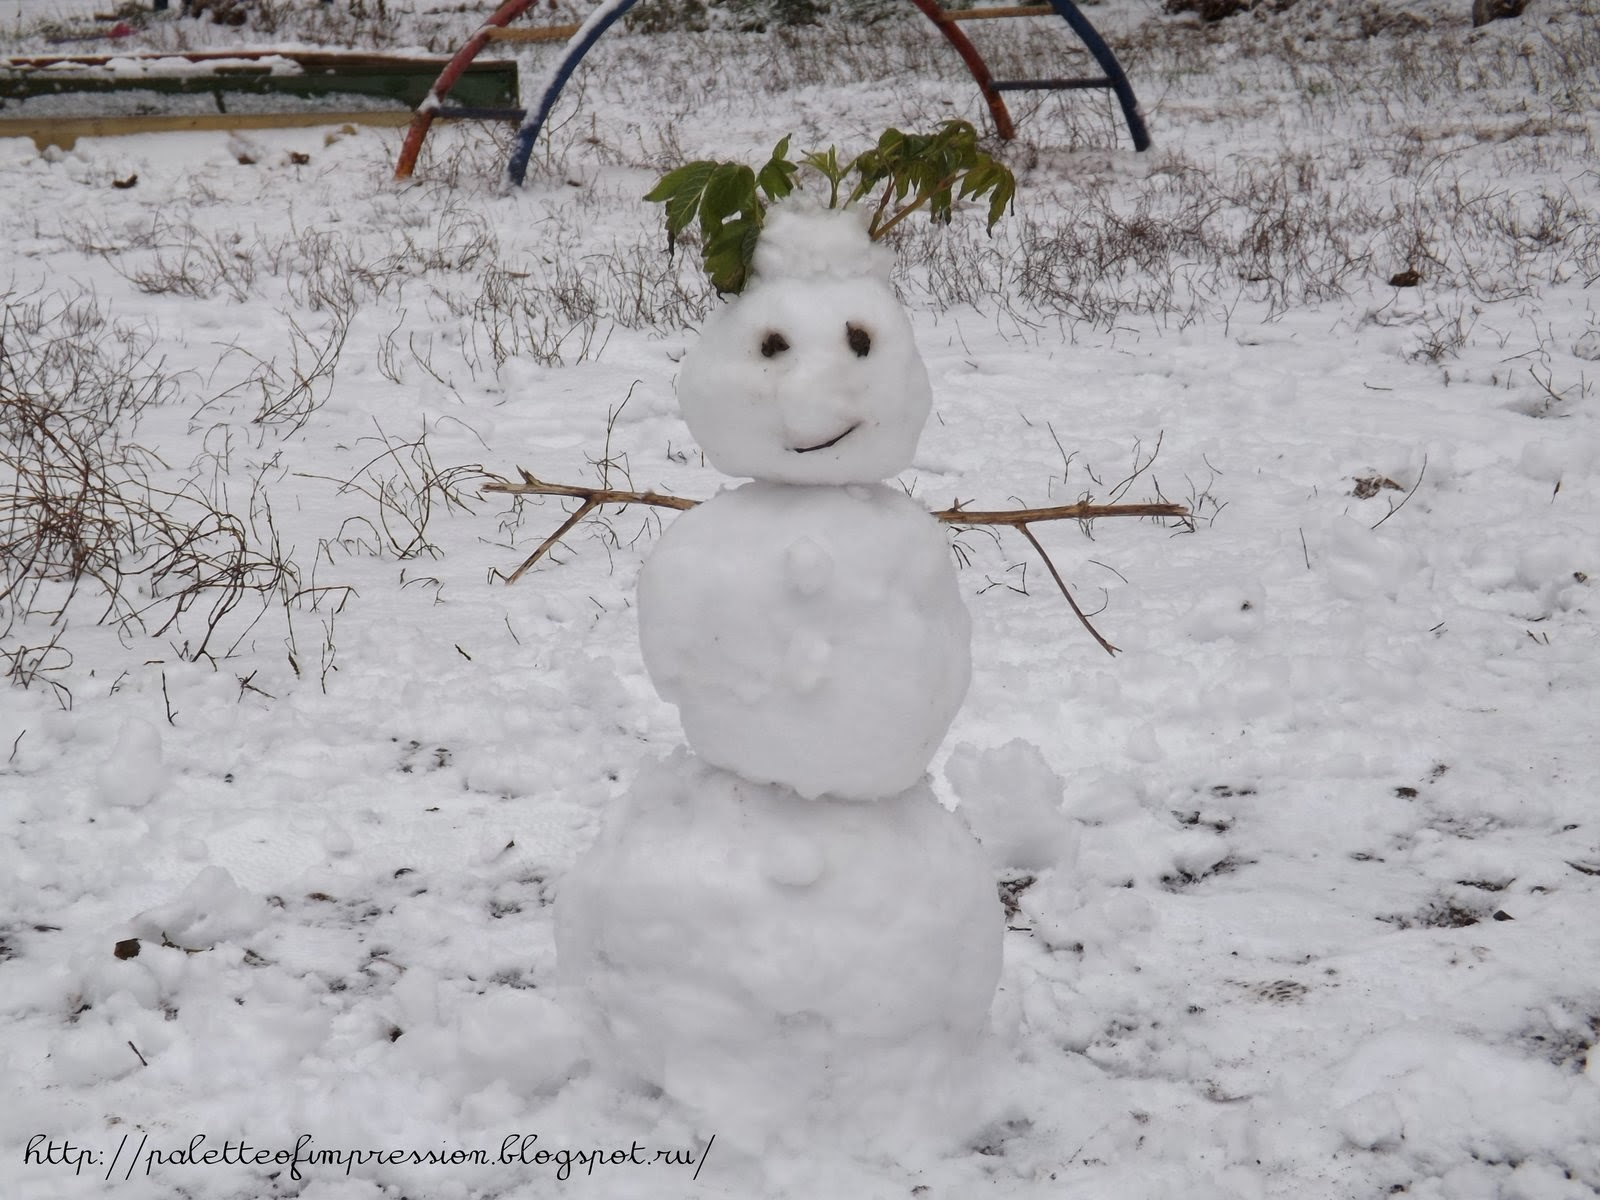 Зима 2013-2014. Снеговики. Ижевск. Блог Вся палитра впечатлений.